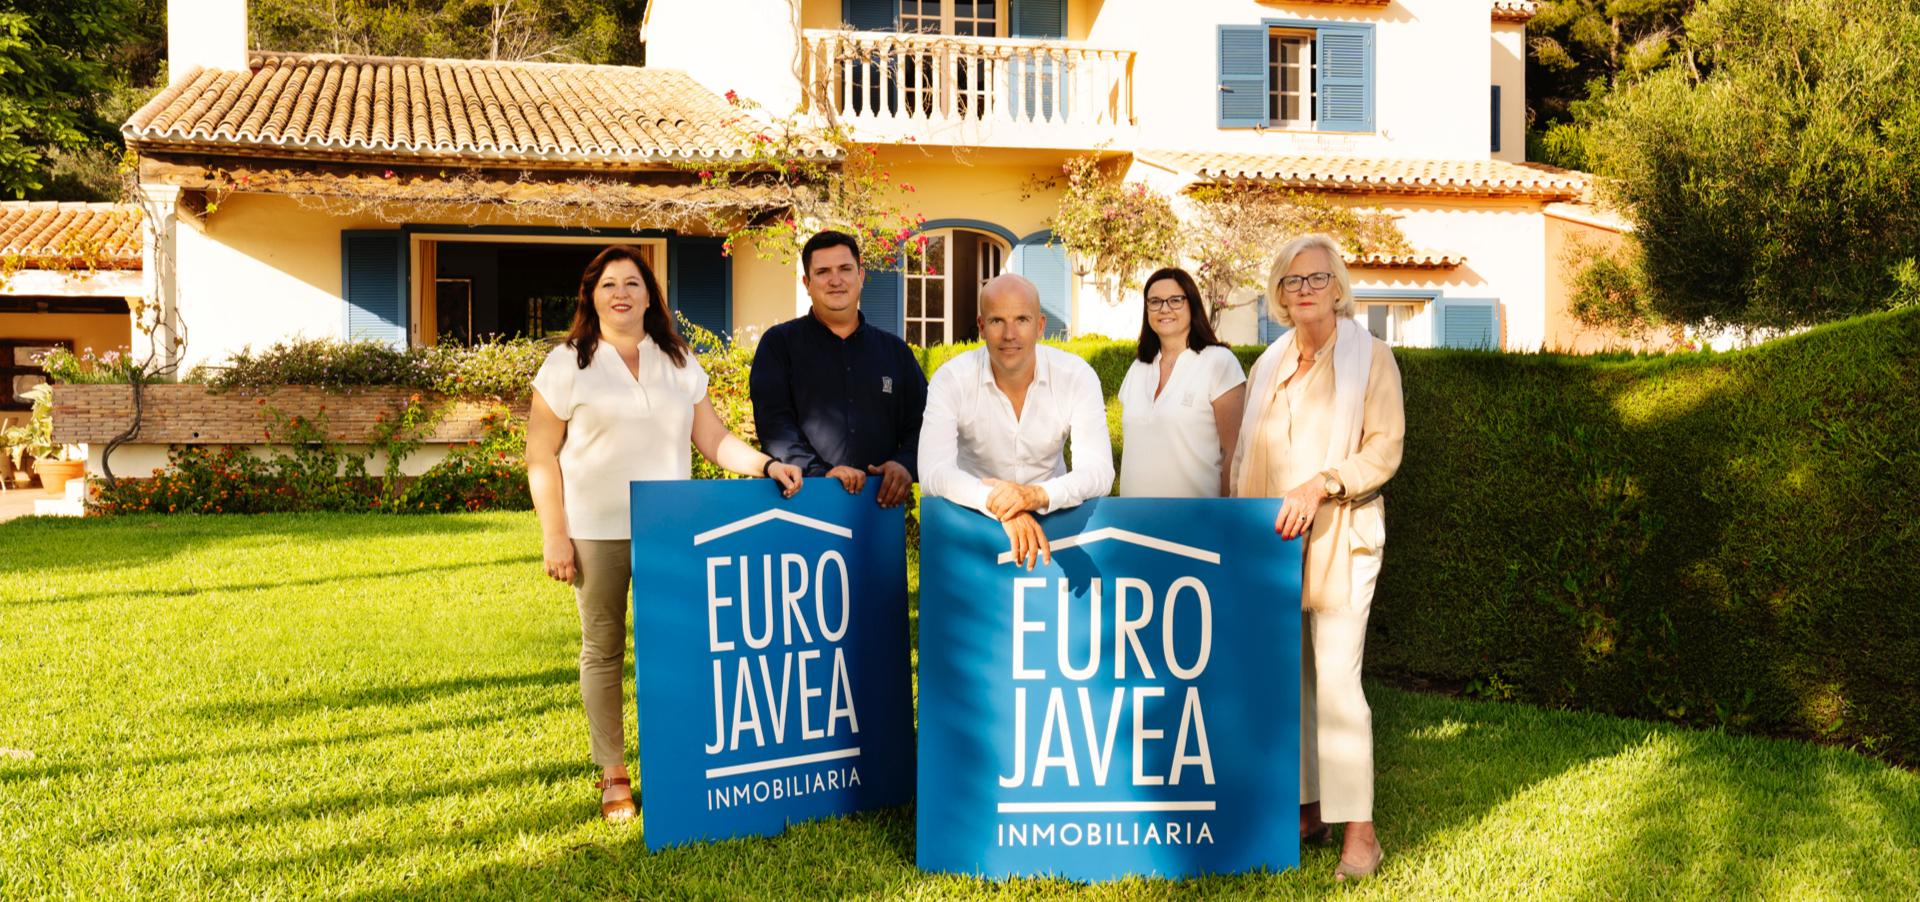 EuroJavea Team